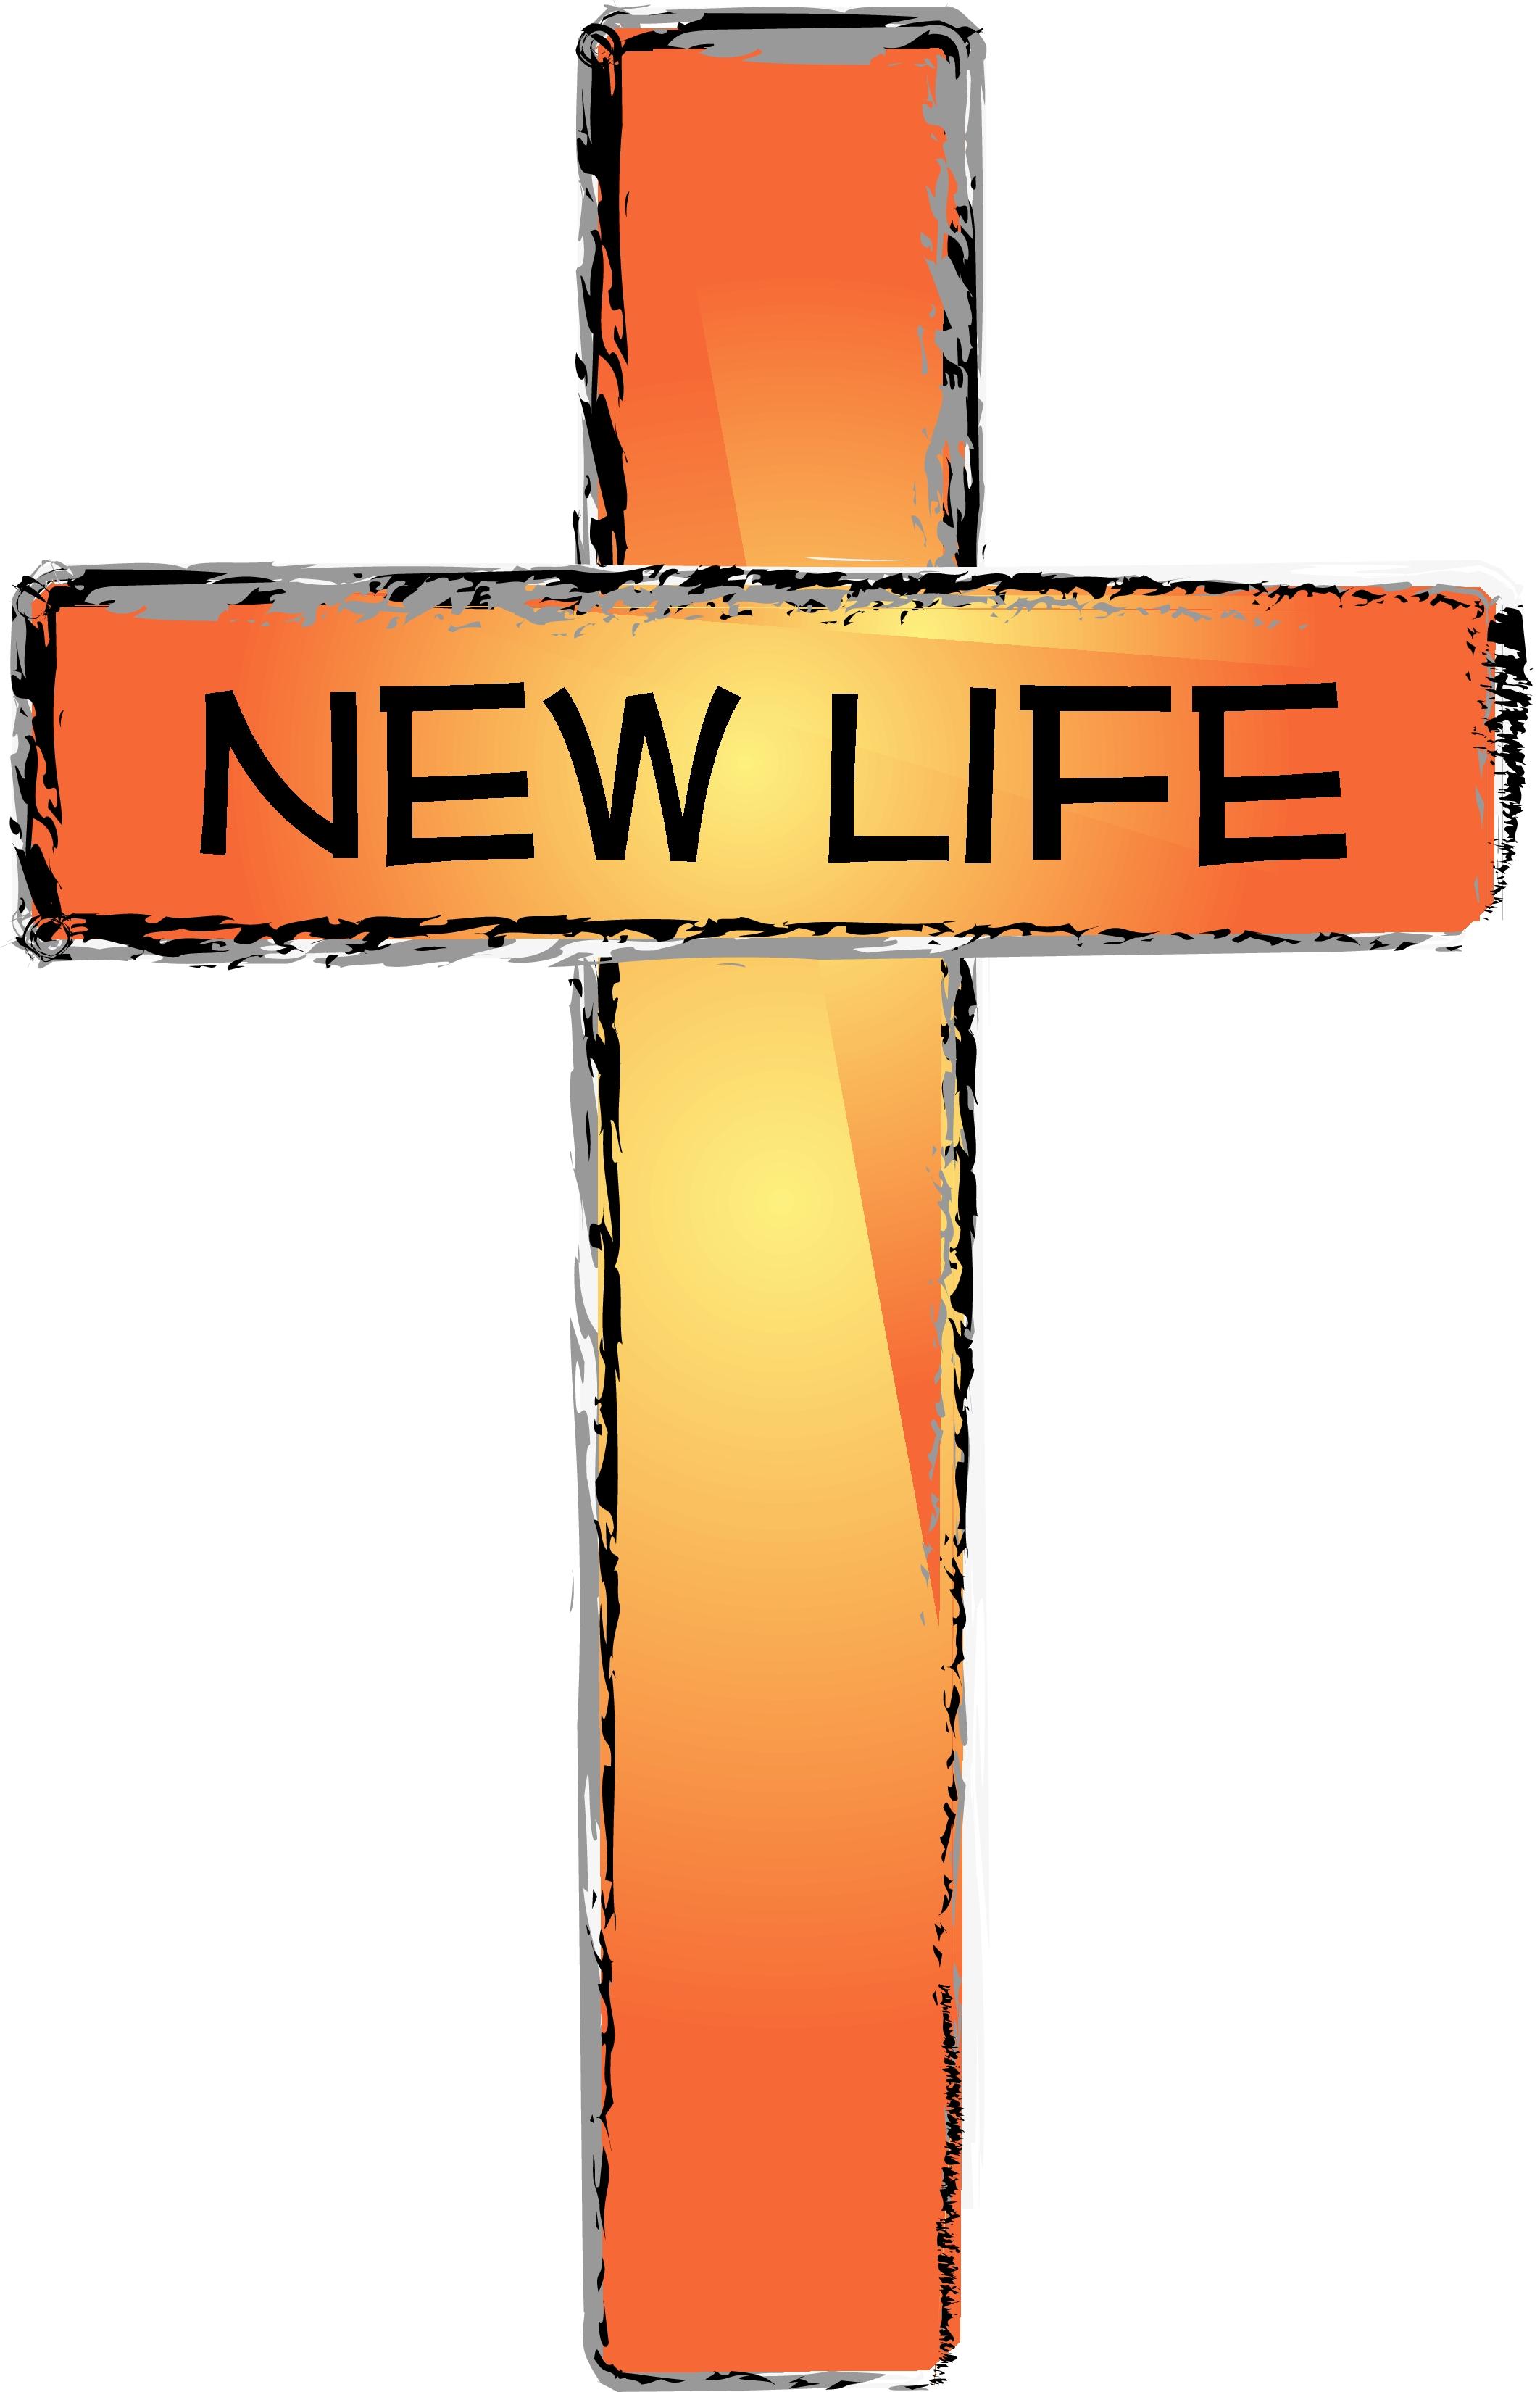 New Life Clip Art.